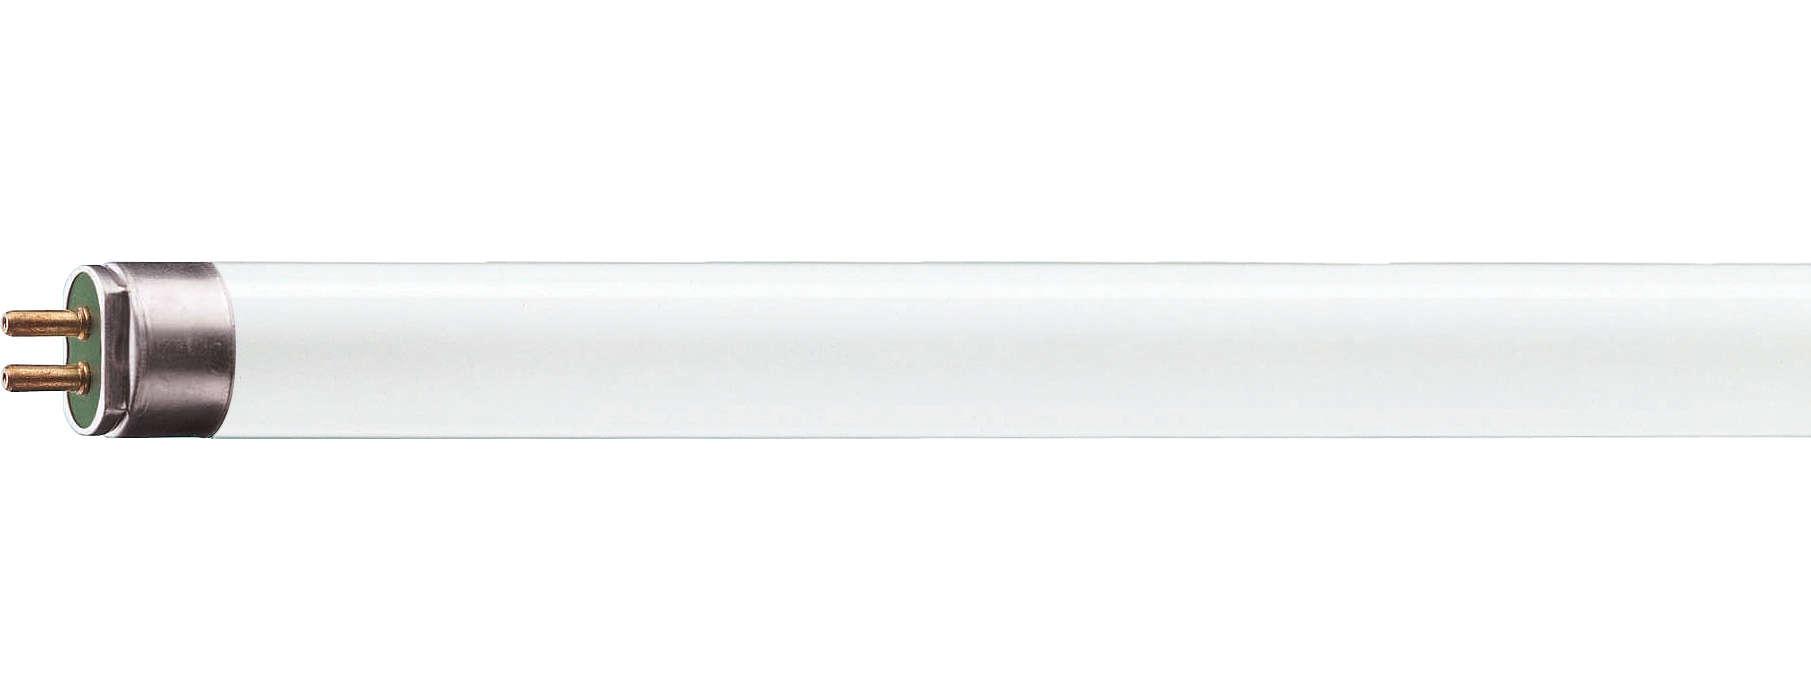 High efficient fluorescent lighting